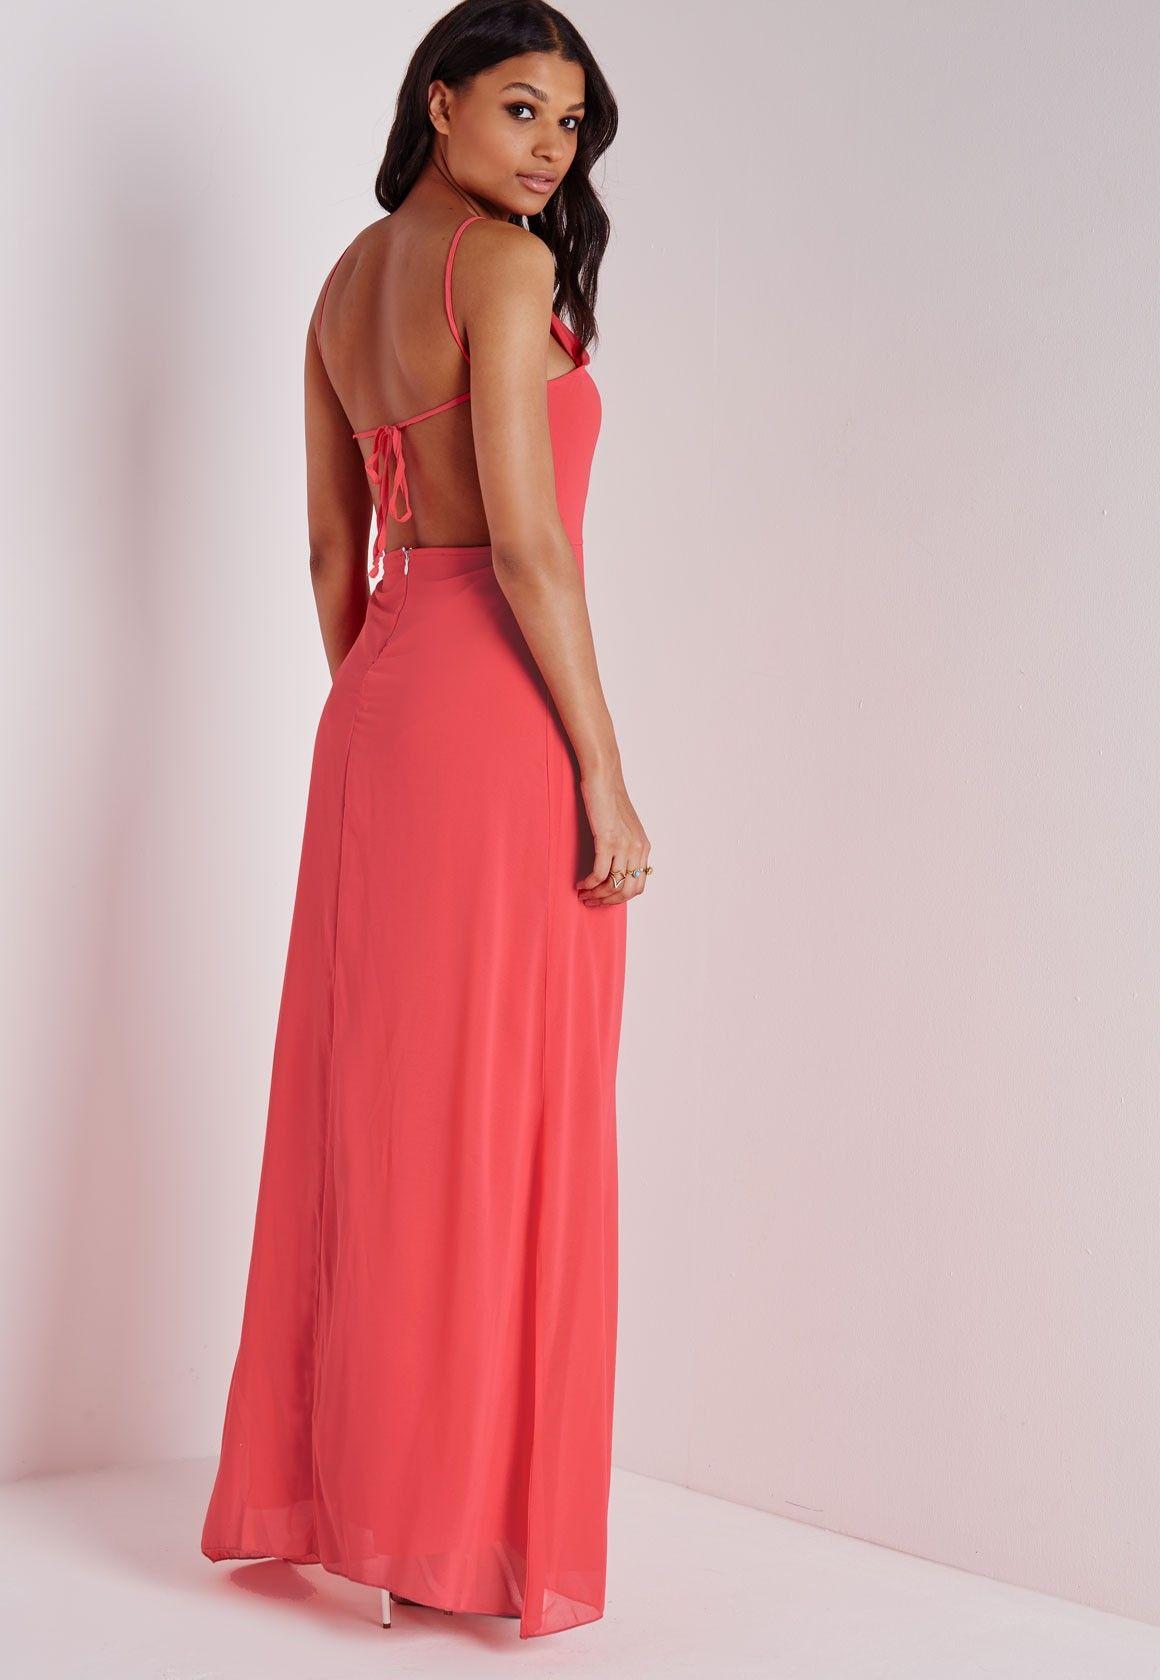 91492fbcabd Missguided - Robe longue rose corail dos nu à bretelles fines ...